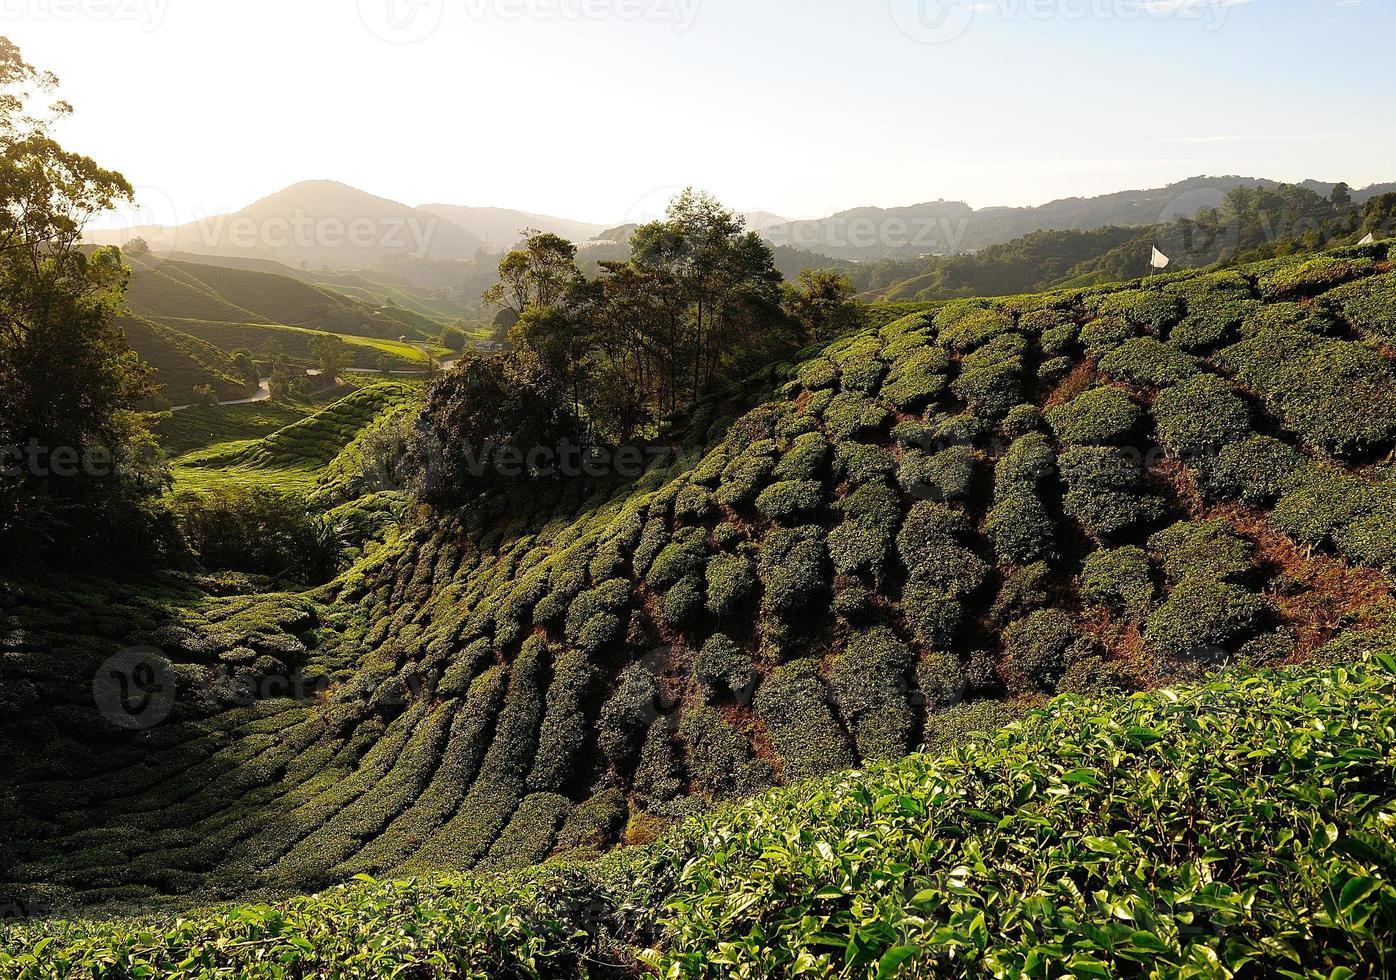 campos de plantaciones de té en las colinas foto